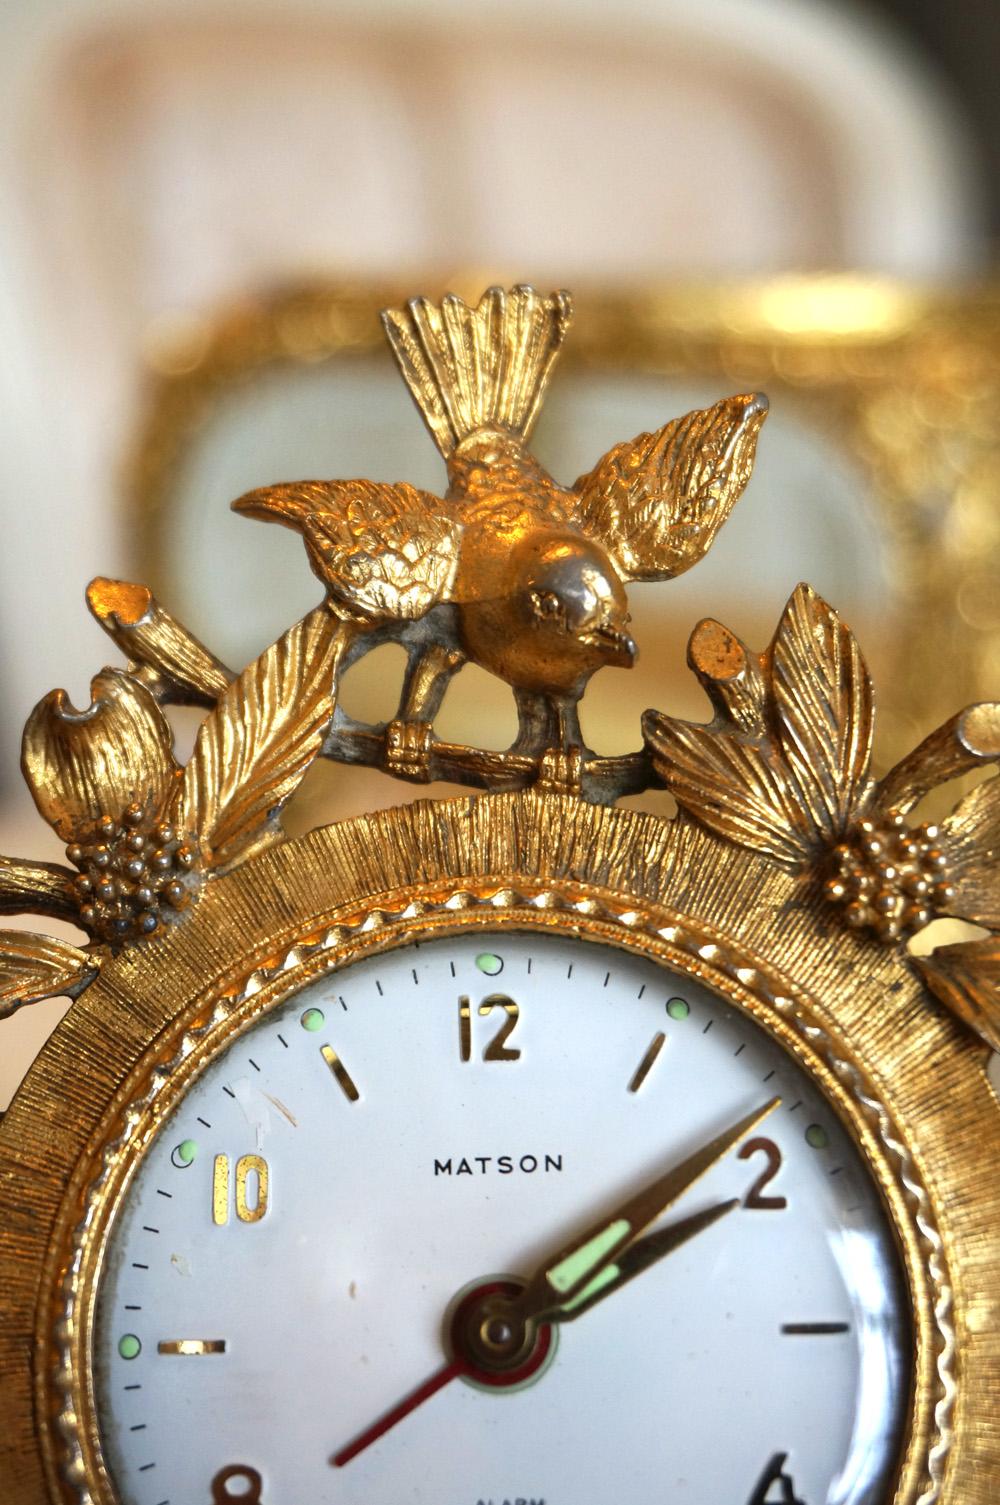 マトソン製 小鳥とハナミズキ 置き時計 拡大